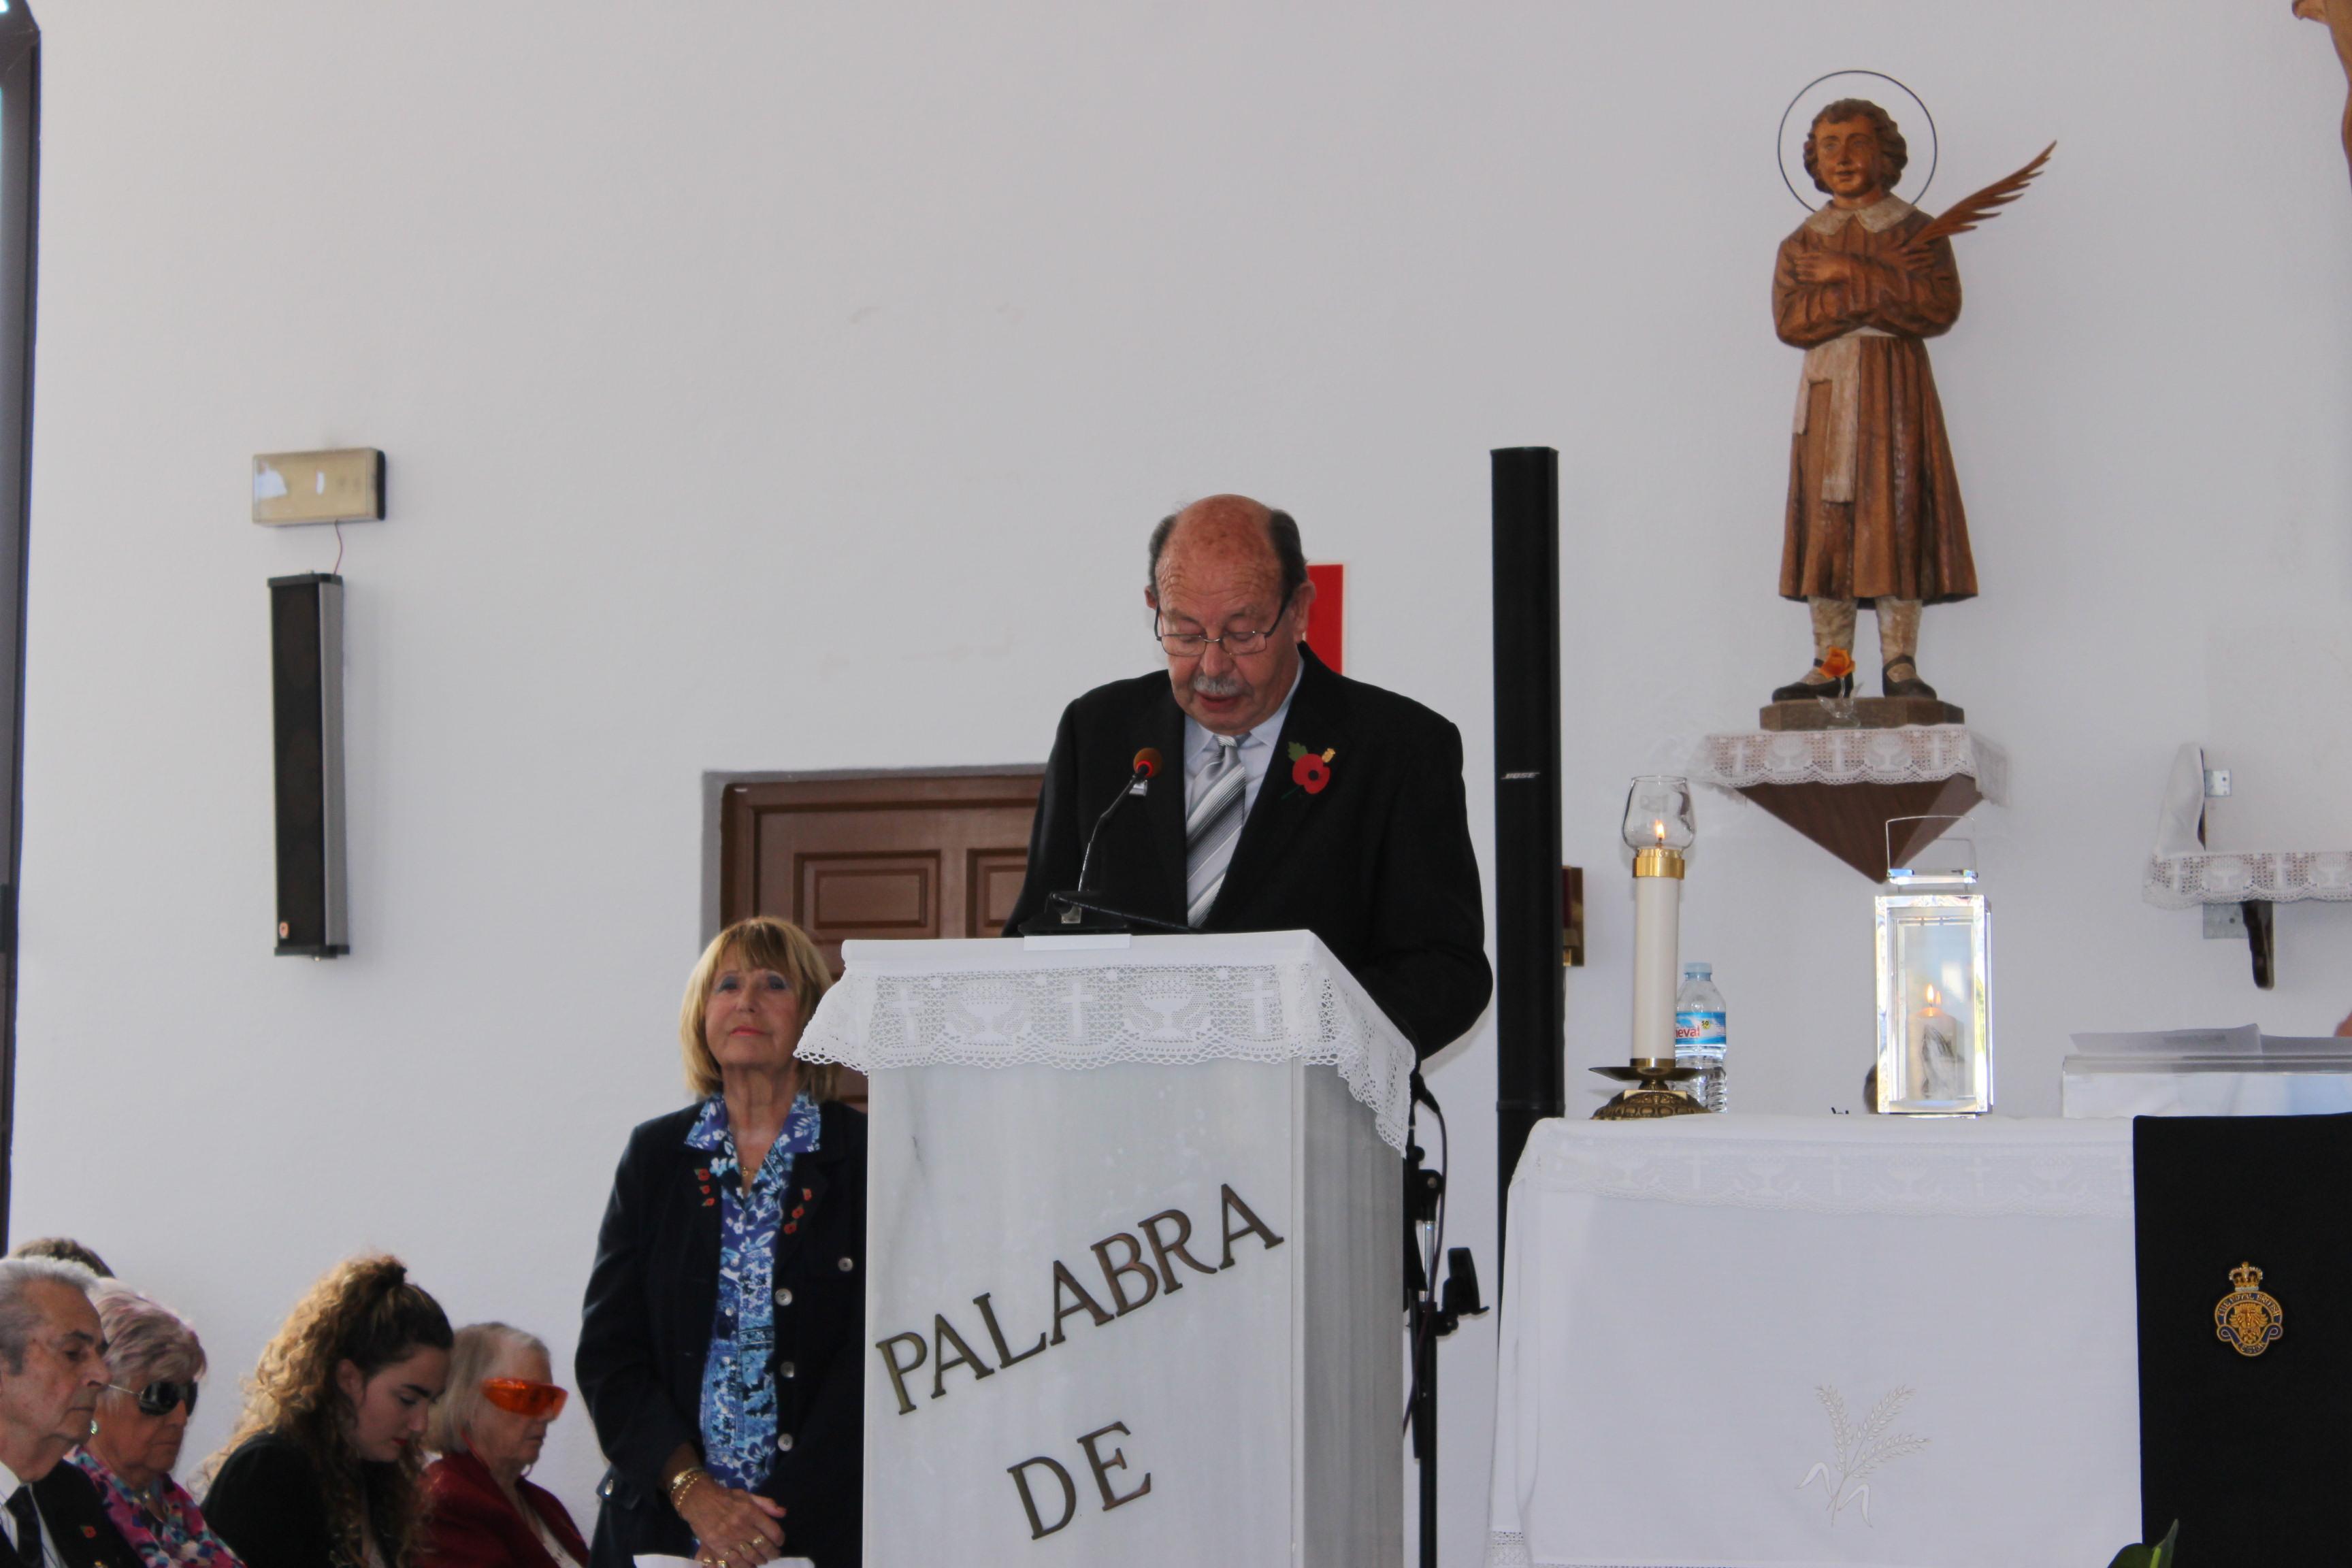 The mayor of Pilar de la Horadada, Ignacio Ramos